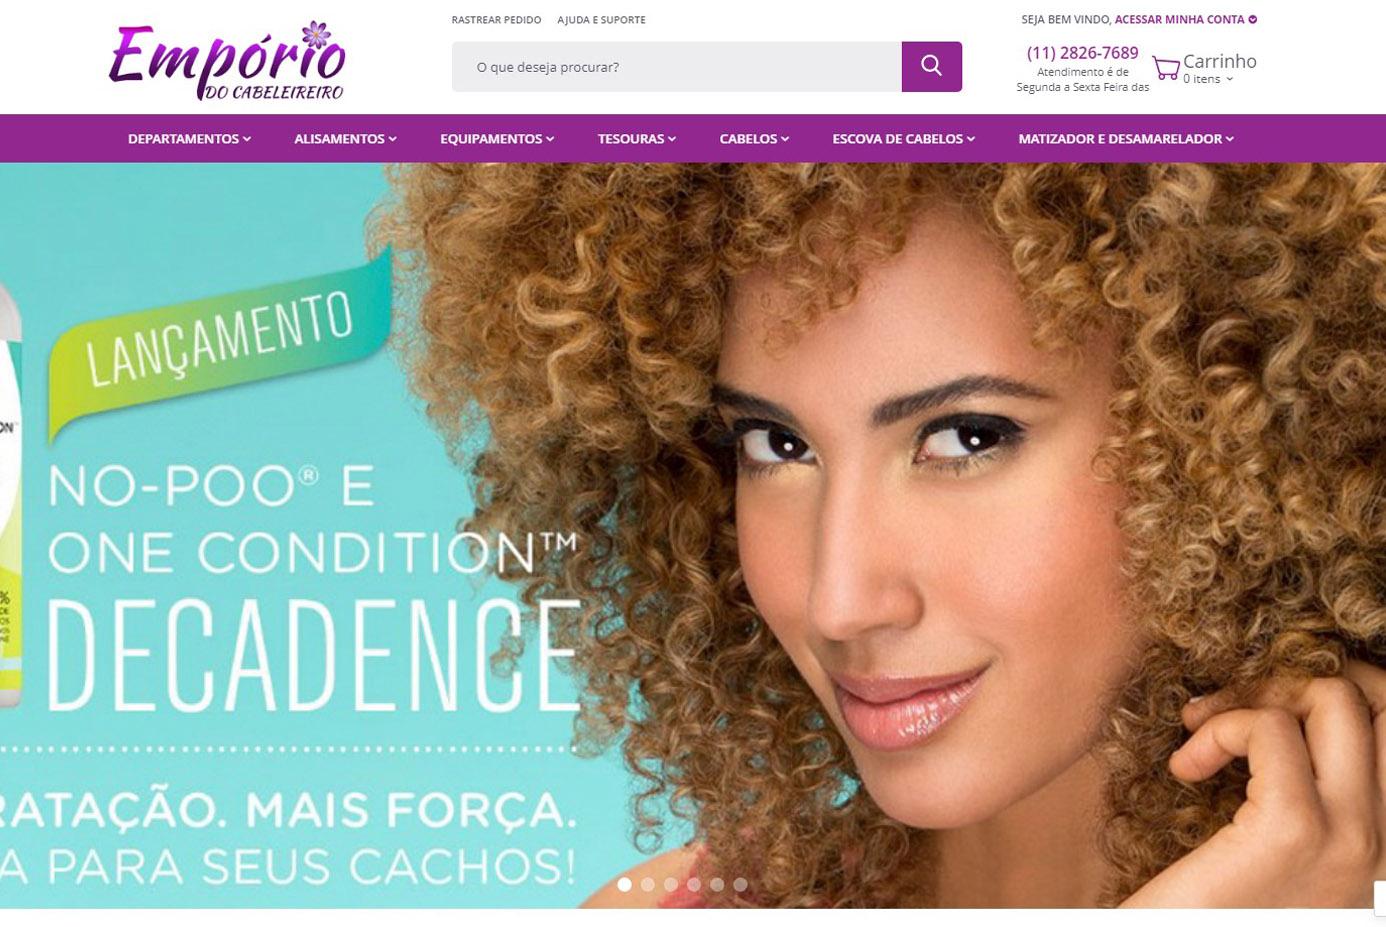 LOJA VIRTUAL EMPORIO DO CABELEIREIRO